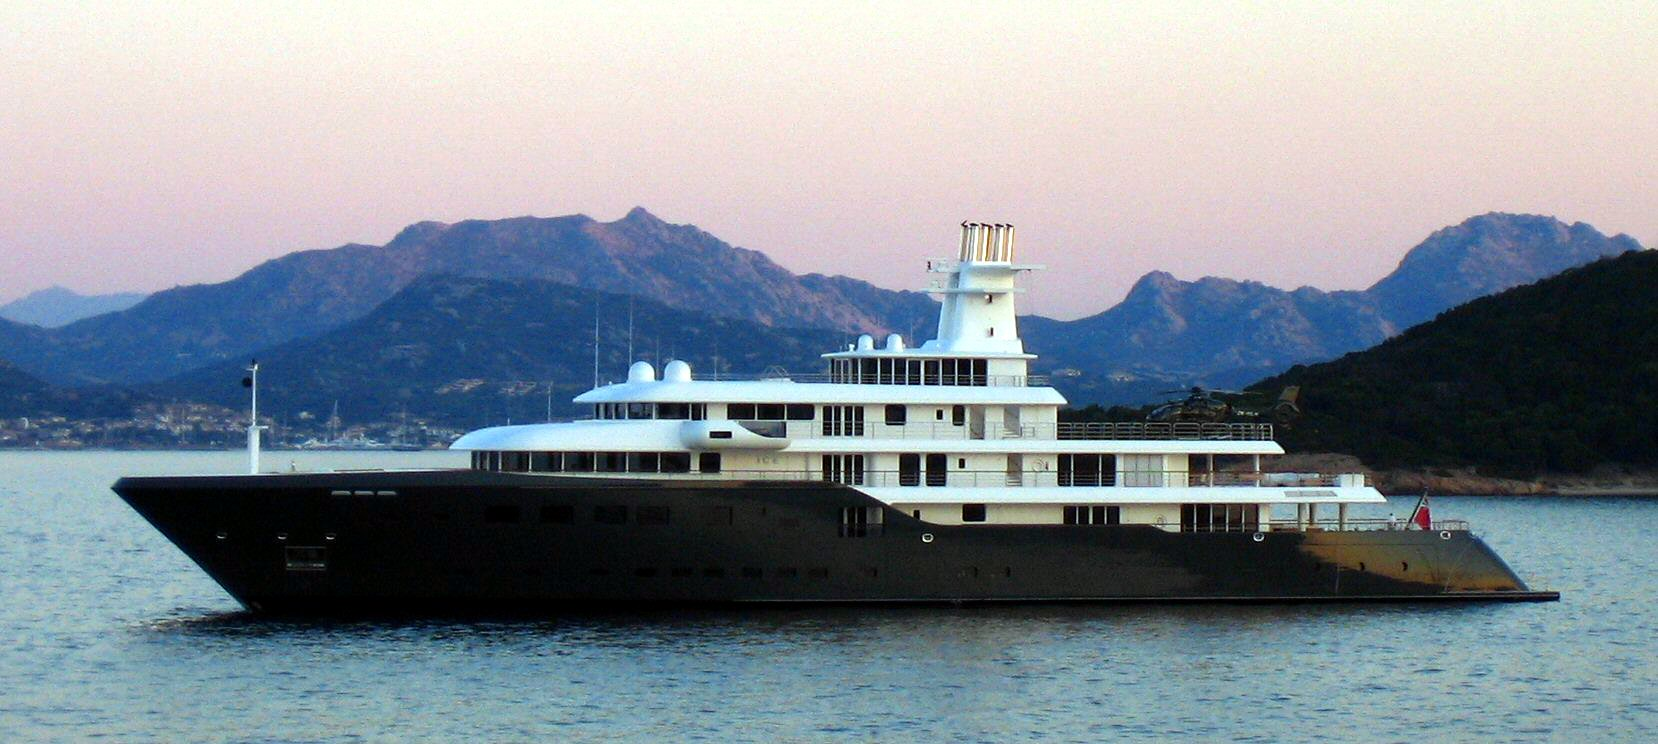 tassa yacht